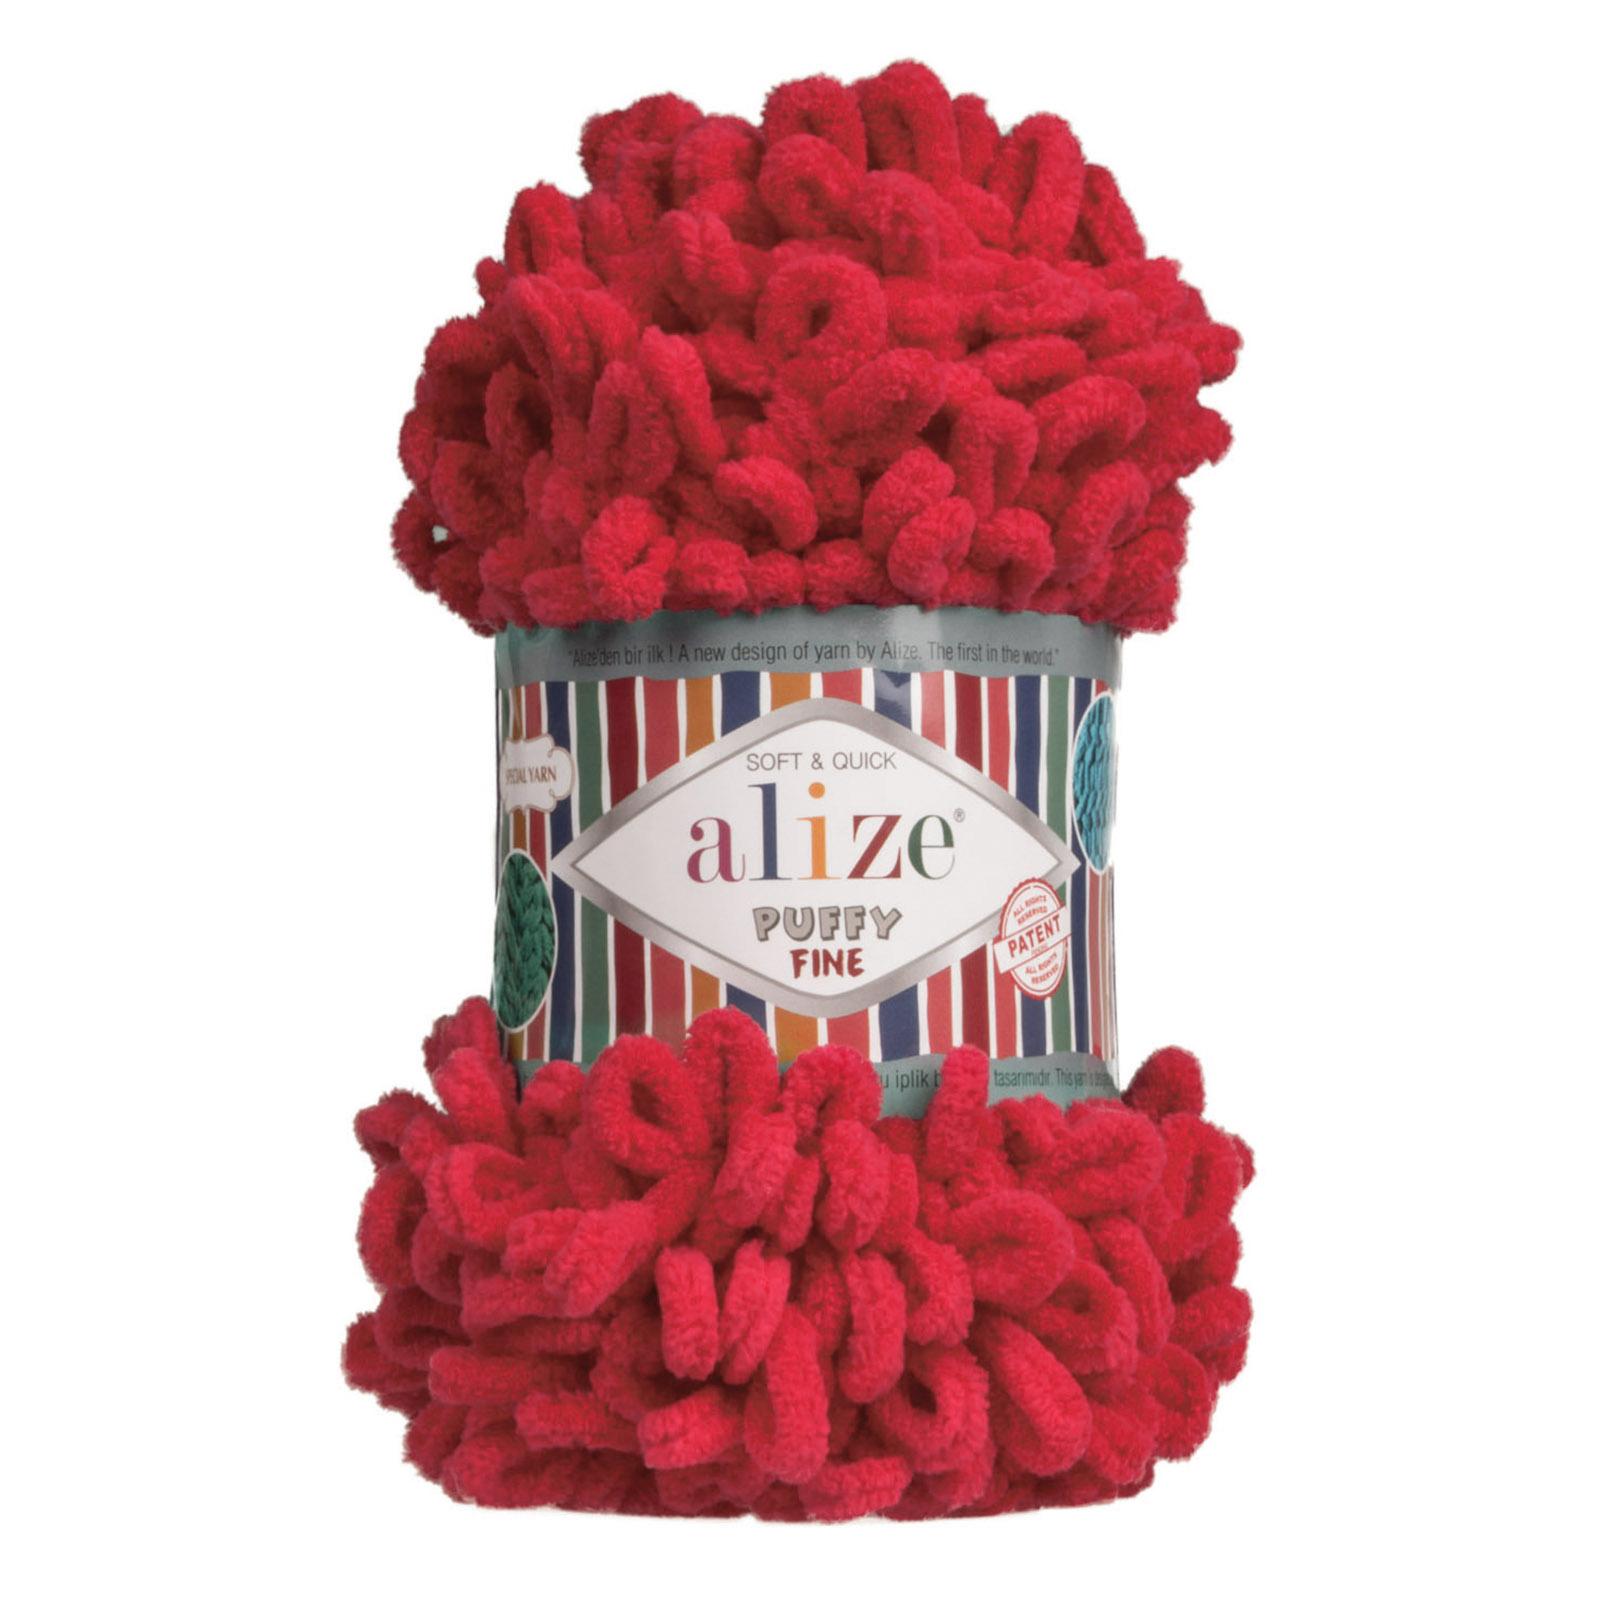 500g Strickgarn ALIZE Puffy Fine Uni, stricken ohne Nadeln auch für Anfänger geeignet – Bild 10